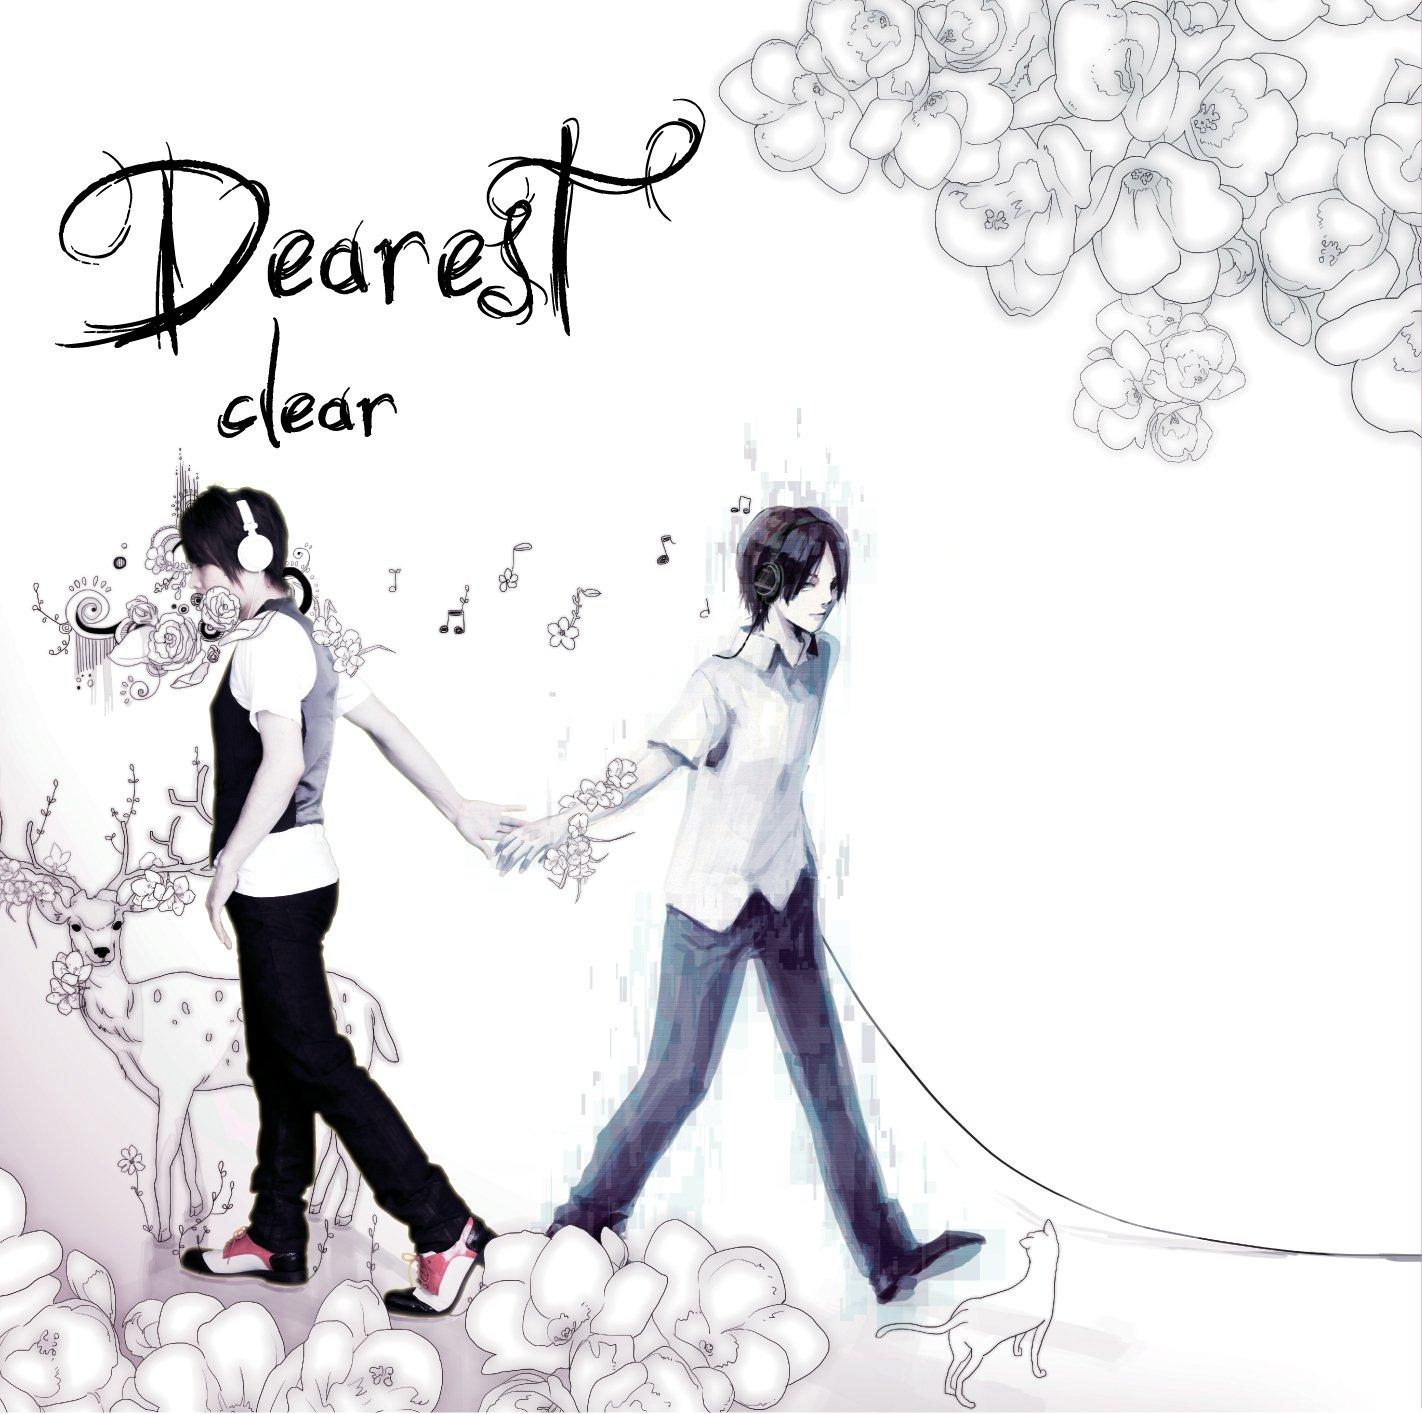 clear - Dearest